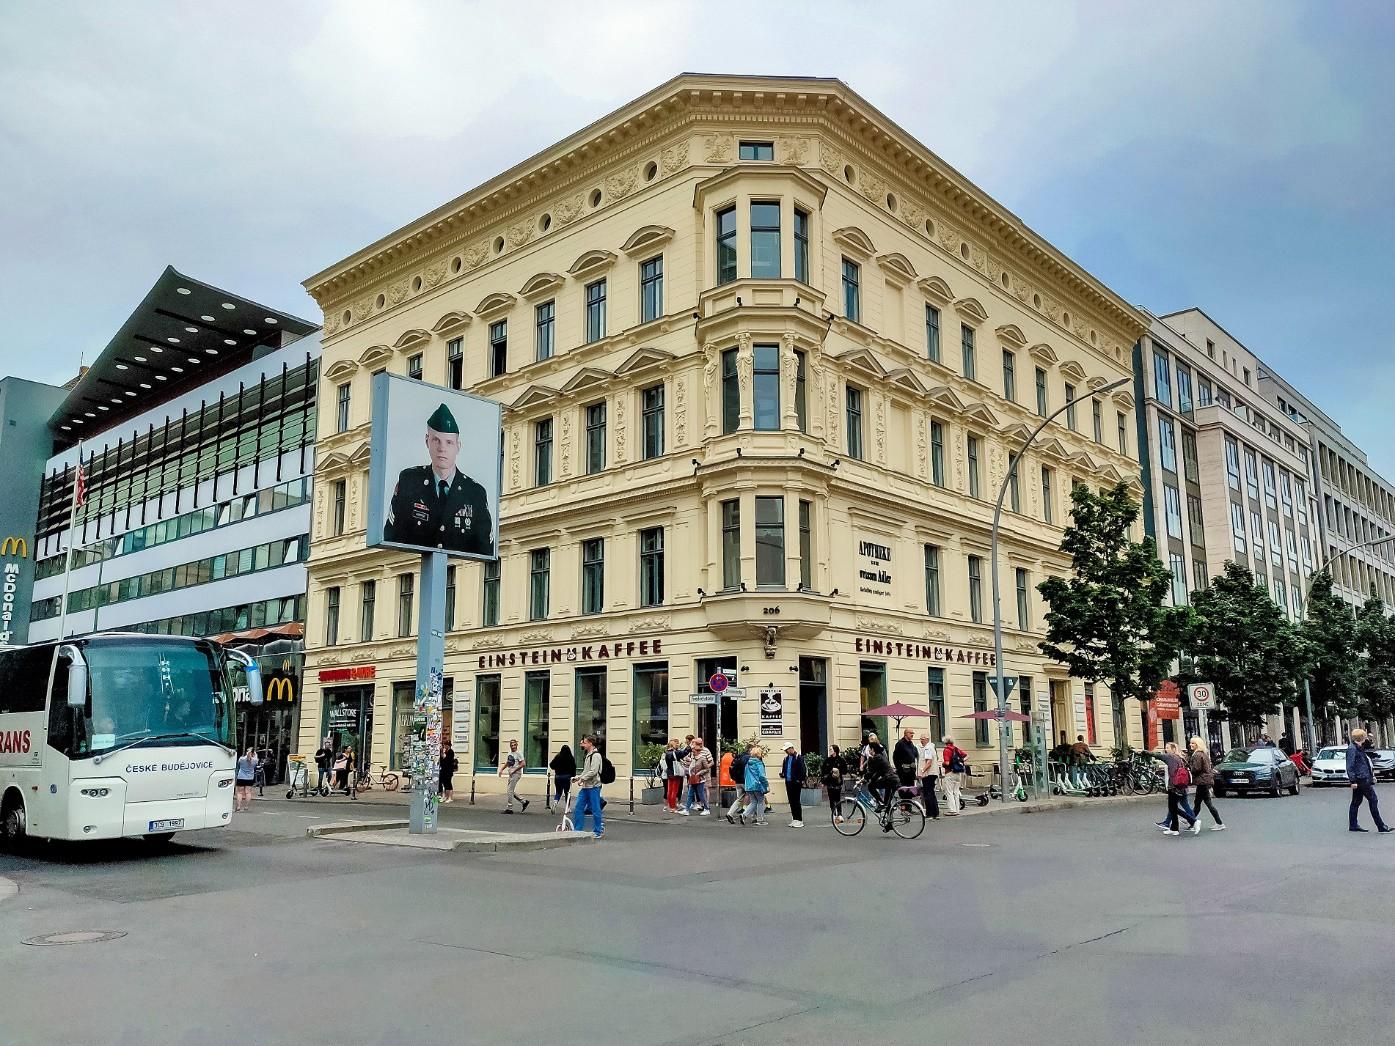 Mùa thu thủ đô Berlin hiện lên đầy rực rỡ qua bốn góc ảnh tuyệt đẹp của OPPO A9 2020 - Ảnh 1.